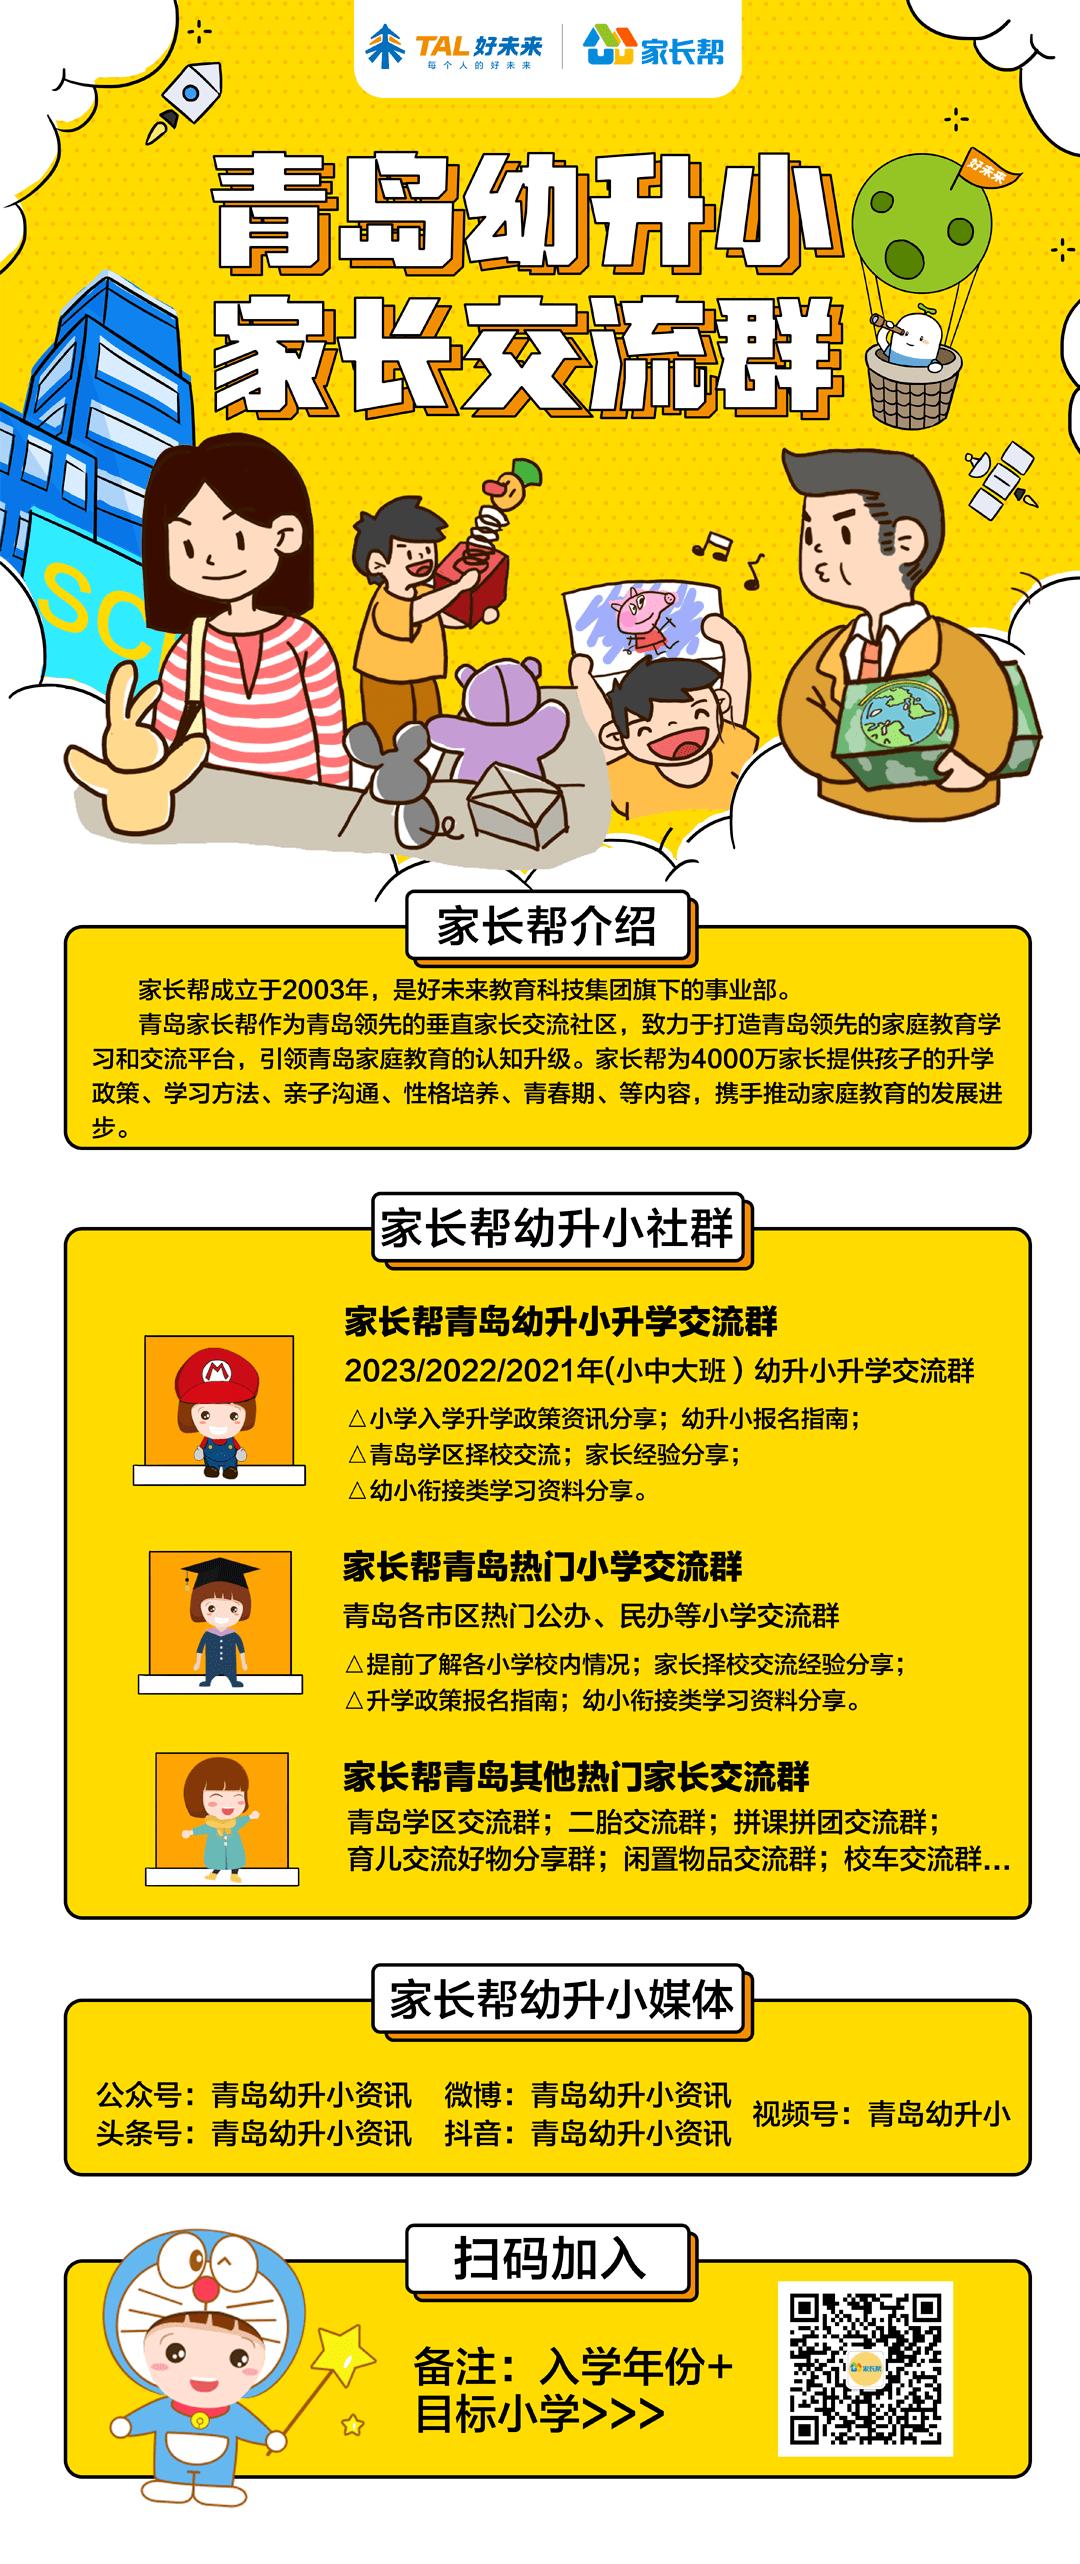 【2021幼升小】青岛幼升小专业术语,升学入门家长必看!